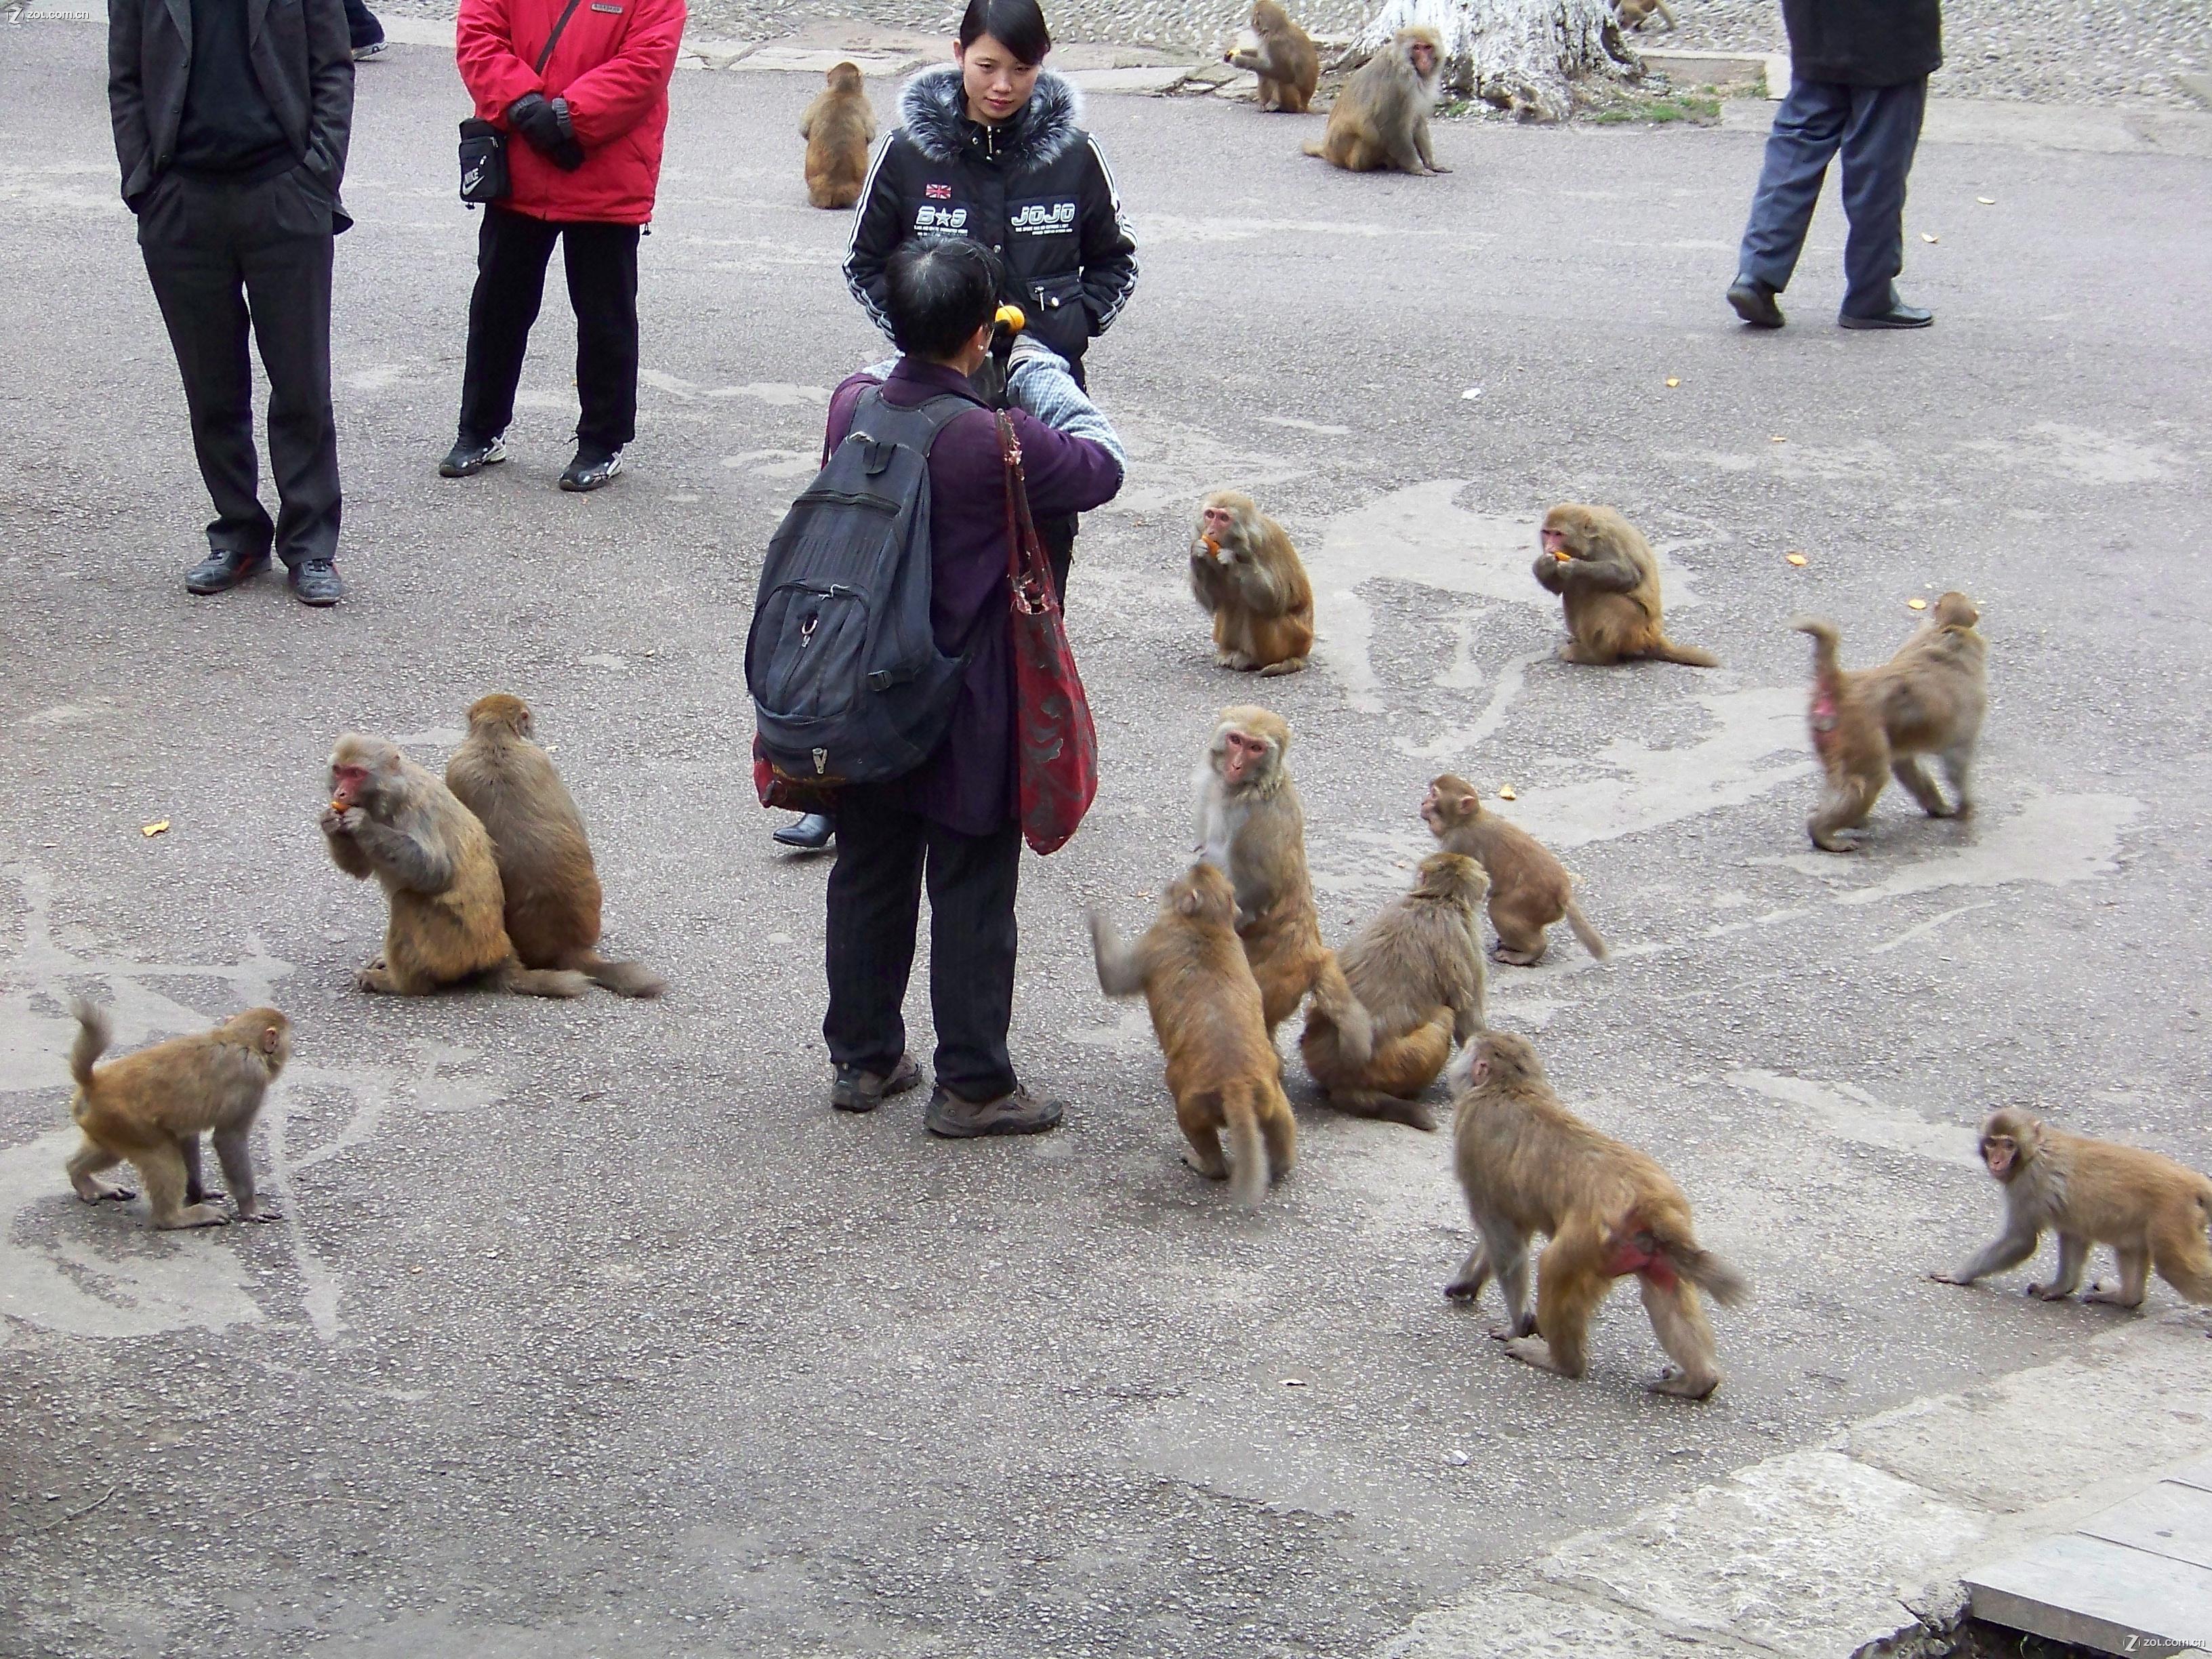 【可爱的猴子(二)】-动物植物论坛-zol中关村在线